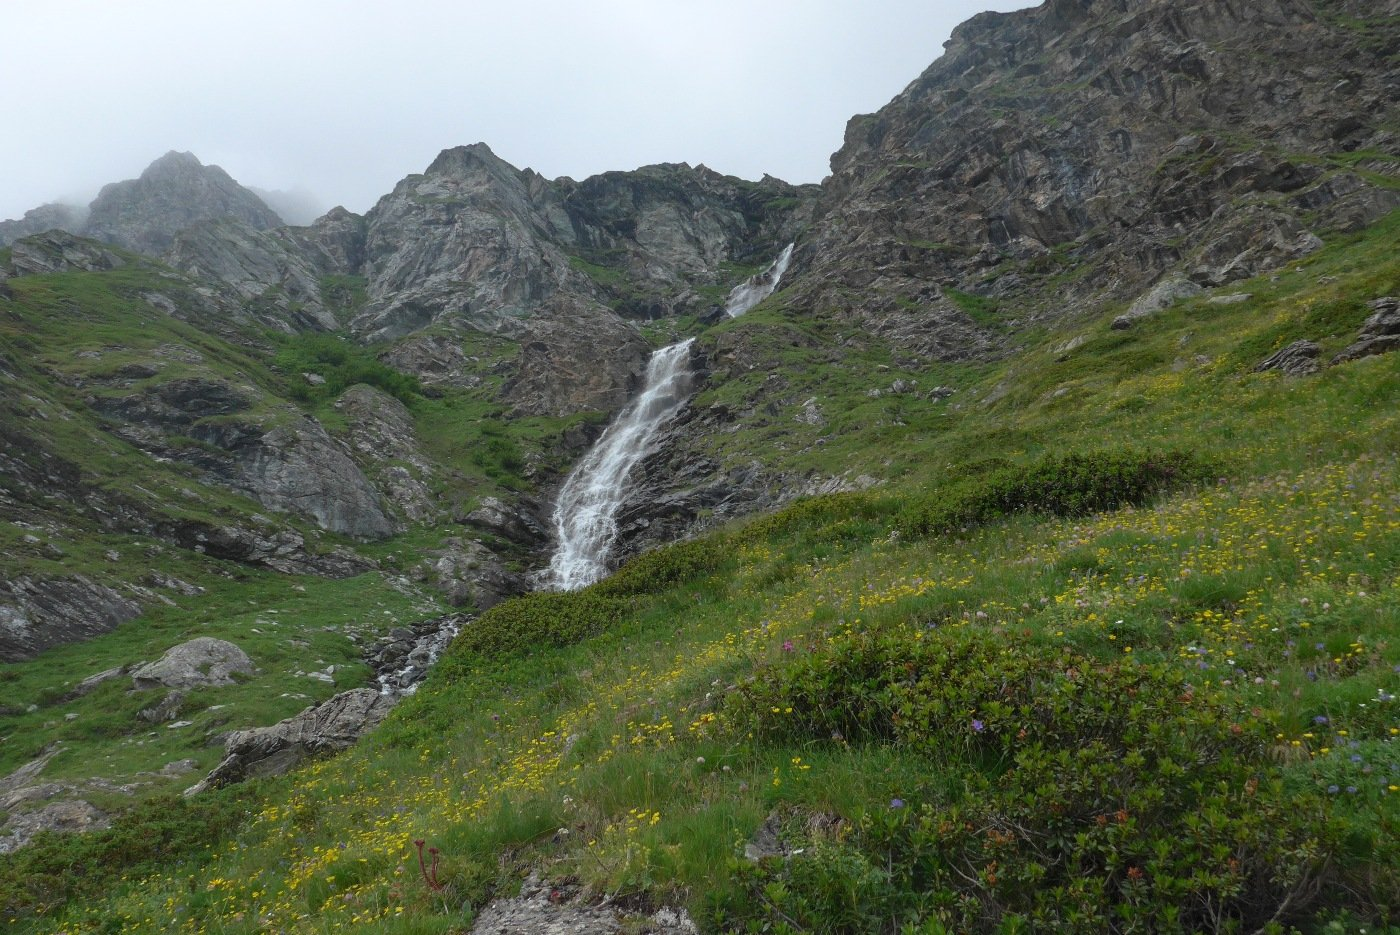 La cascata del rio dei Muret